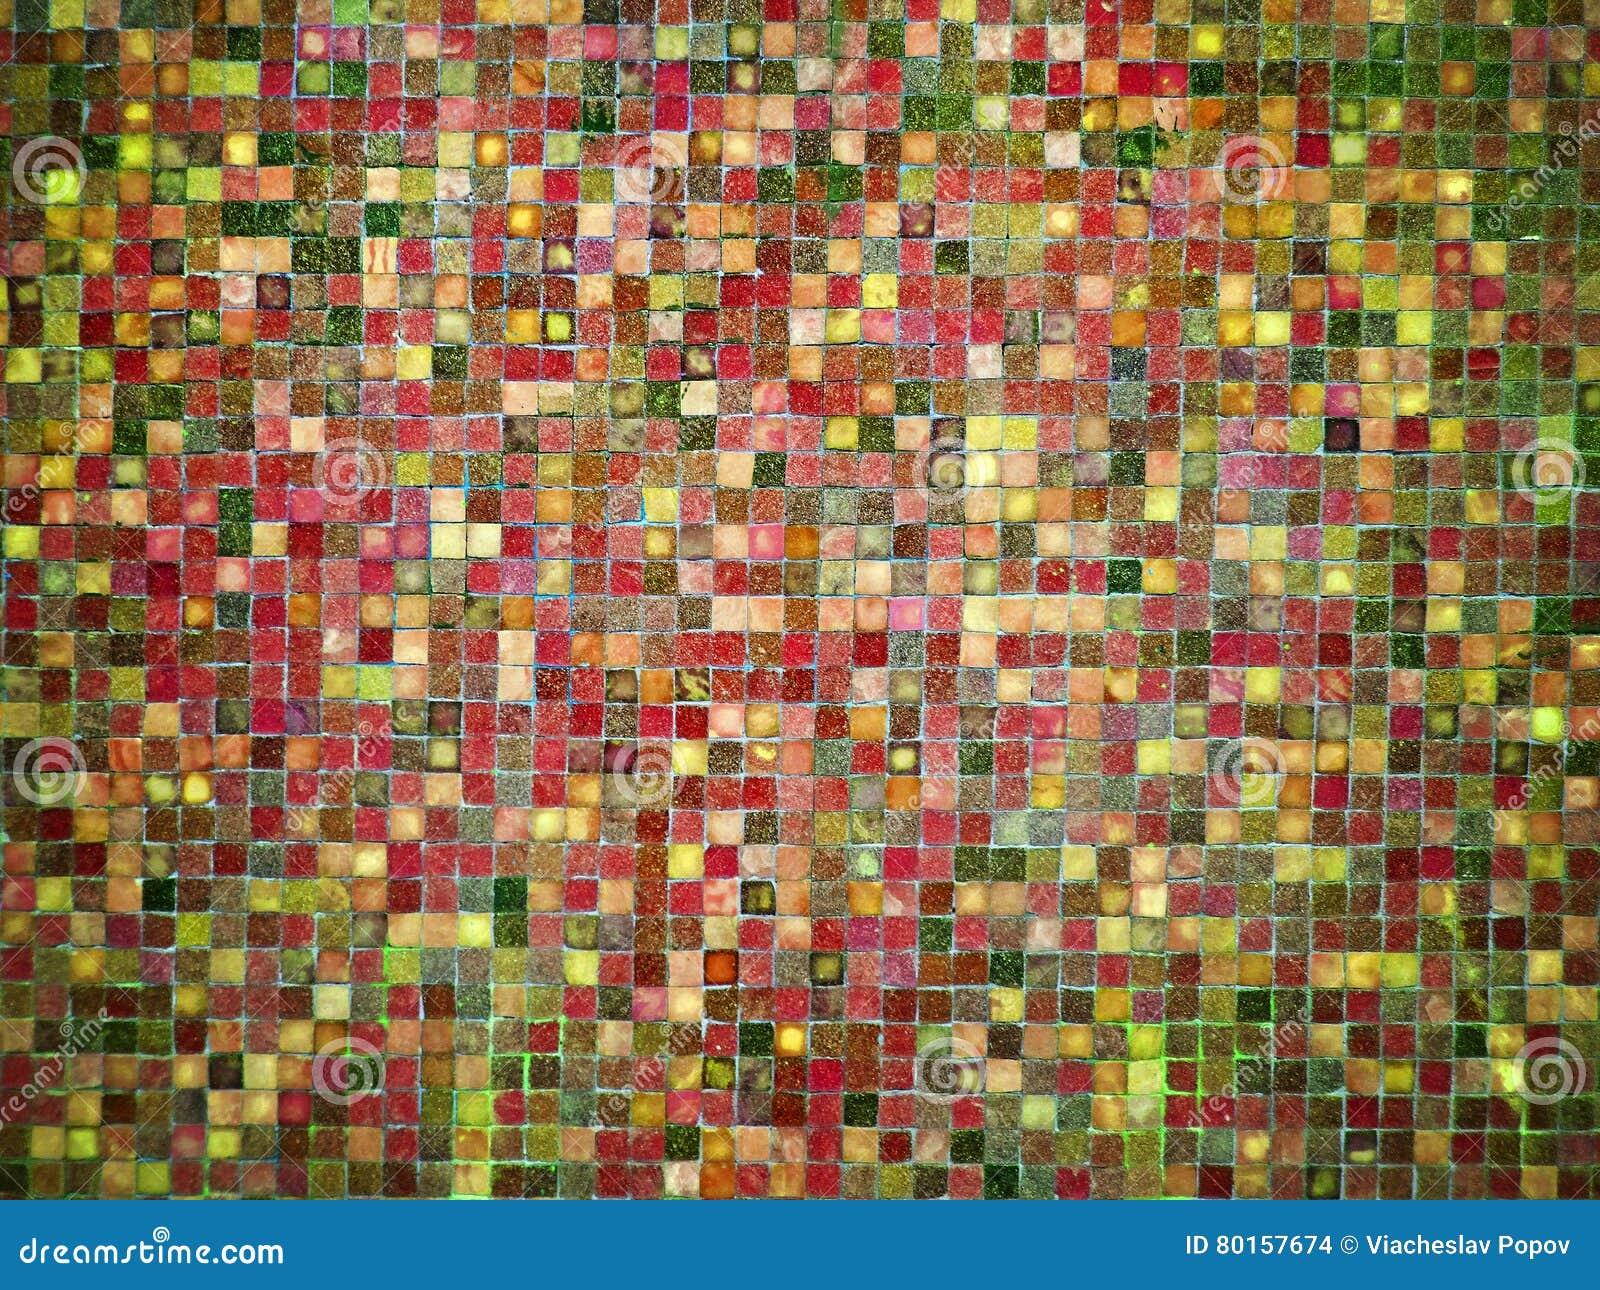 Groene Mozaiek Tegels : Tegels van het gradiënt de rode en groene gekleurde mozaïek stock